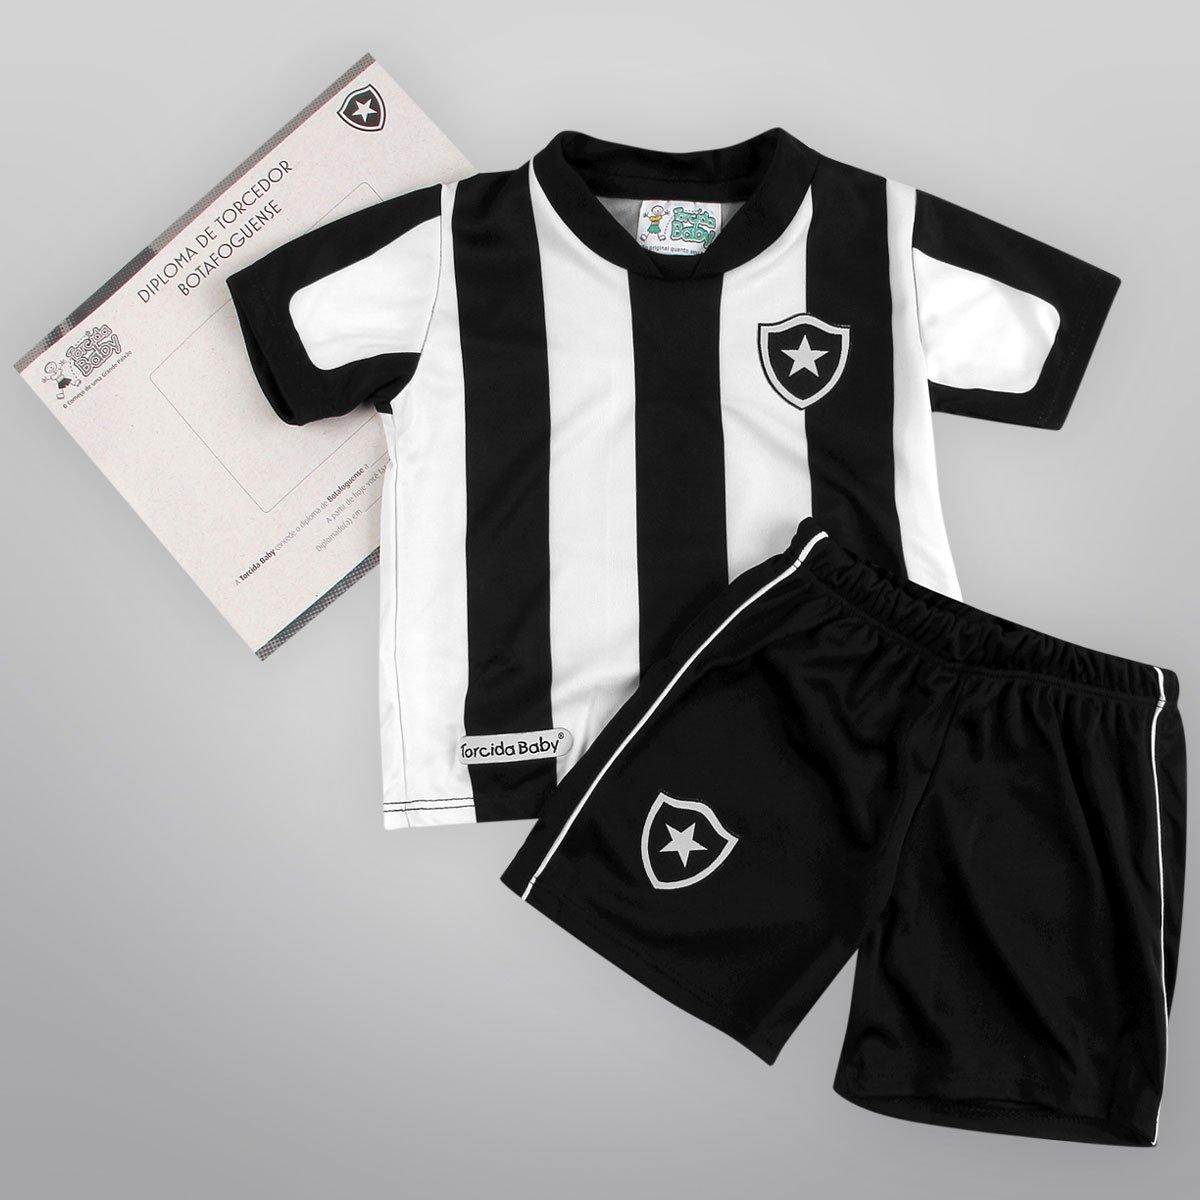 48941316cf4f1 Conjunto Botafogo Infantil Sublimado Com 2 Peças - Compre Agora ...